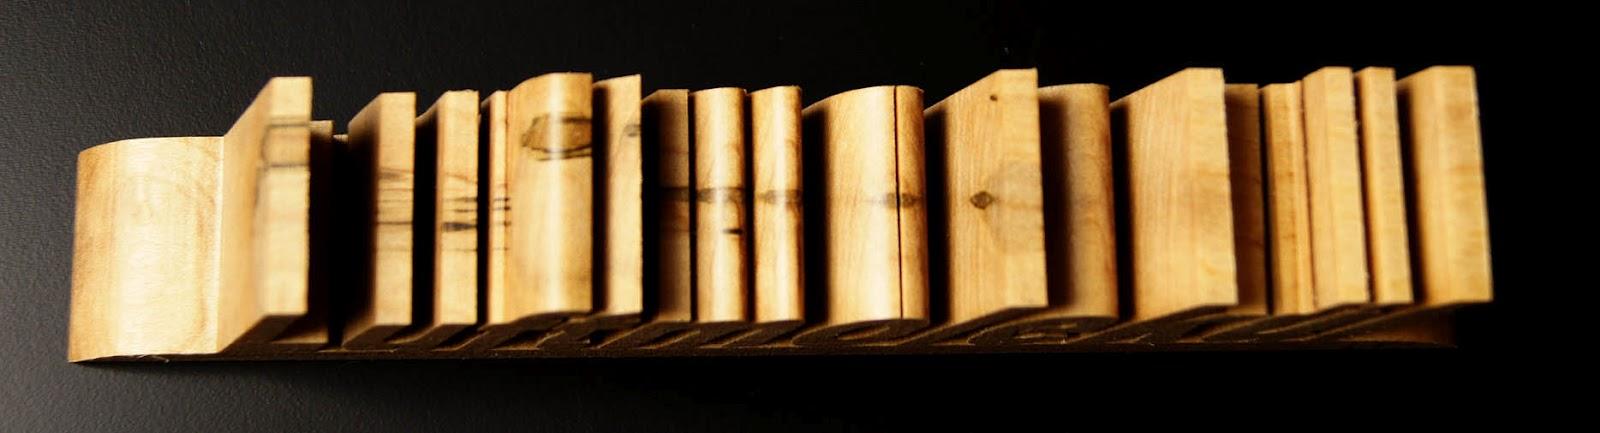 Unterschiedlich Blickwert: Schon mal einen Namen in Holz schneiden lassen? LM49